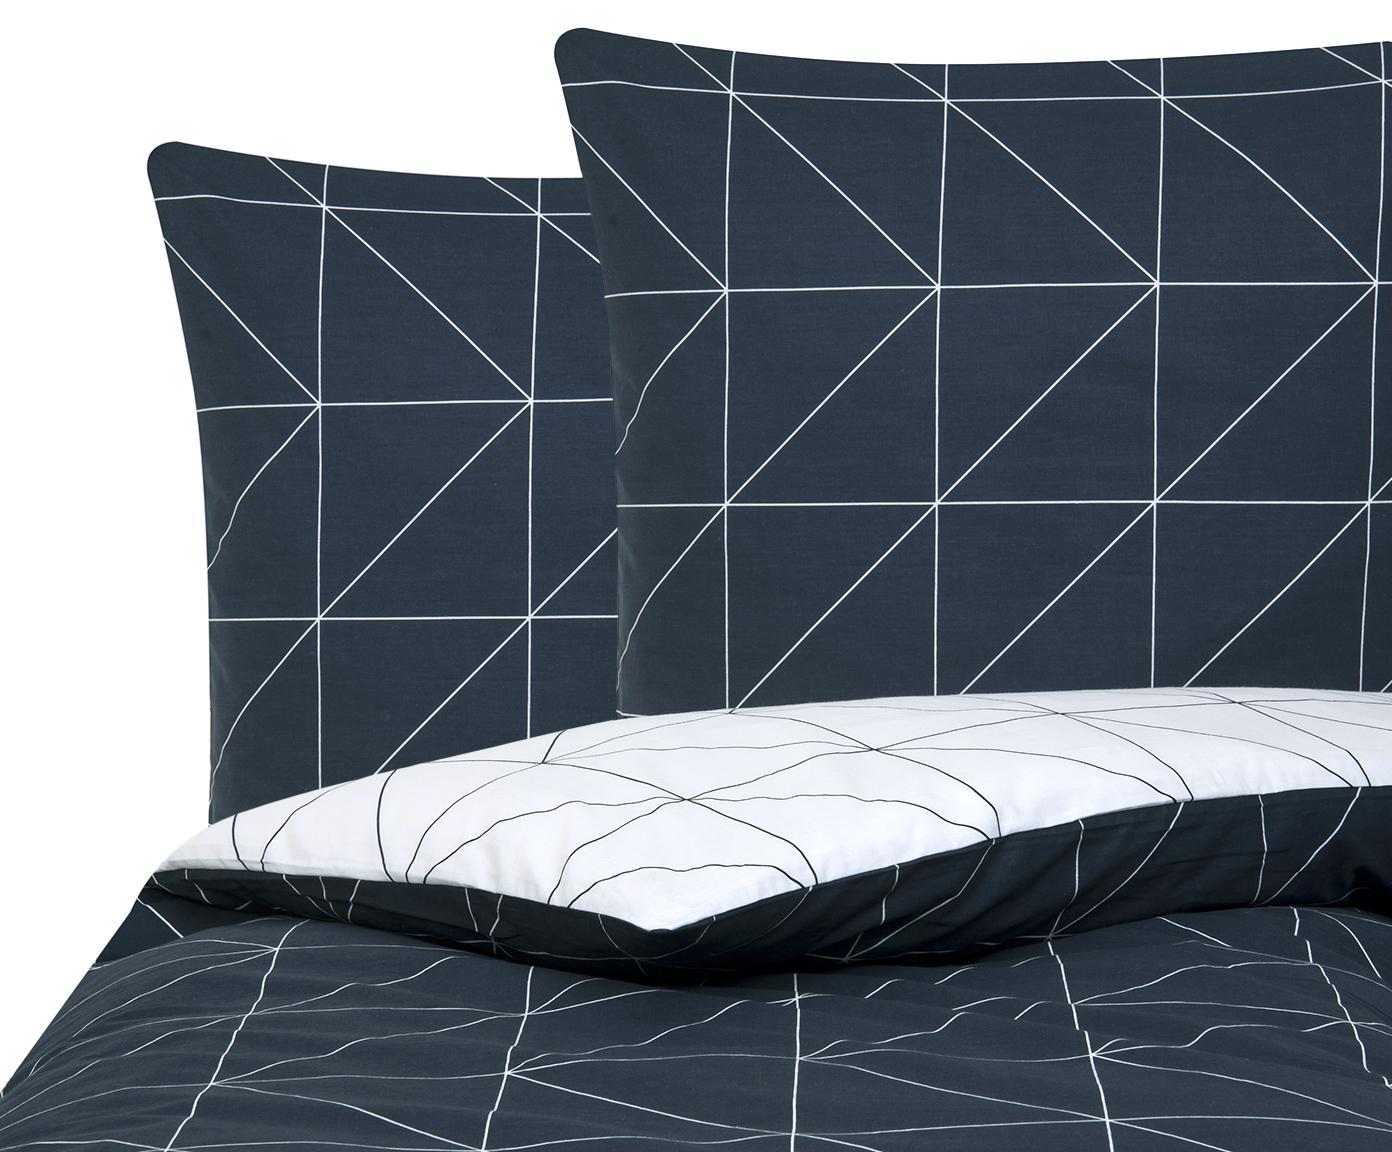 Baumwoll-Wendebettwäsche Marla mit grafischem Muster, Webart: Renforcé Fadendichte 144 , Navyblau, Weiß, 240 x 220 cm + 2 Kissen 80 x 80 cm